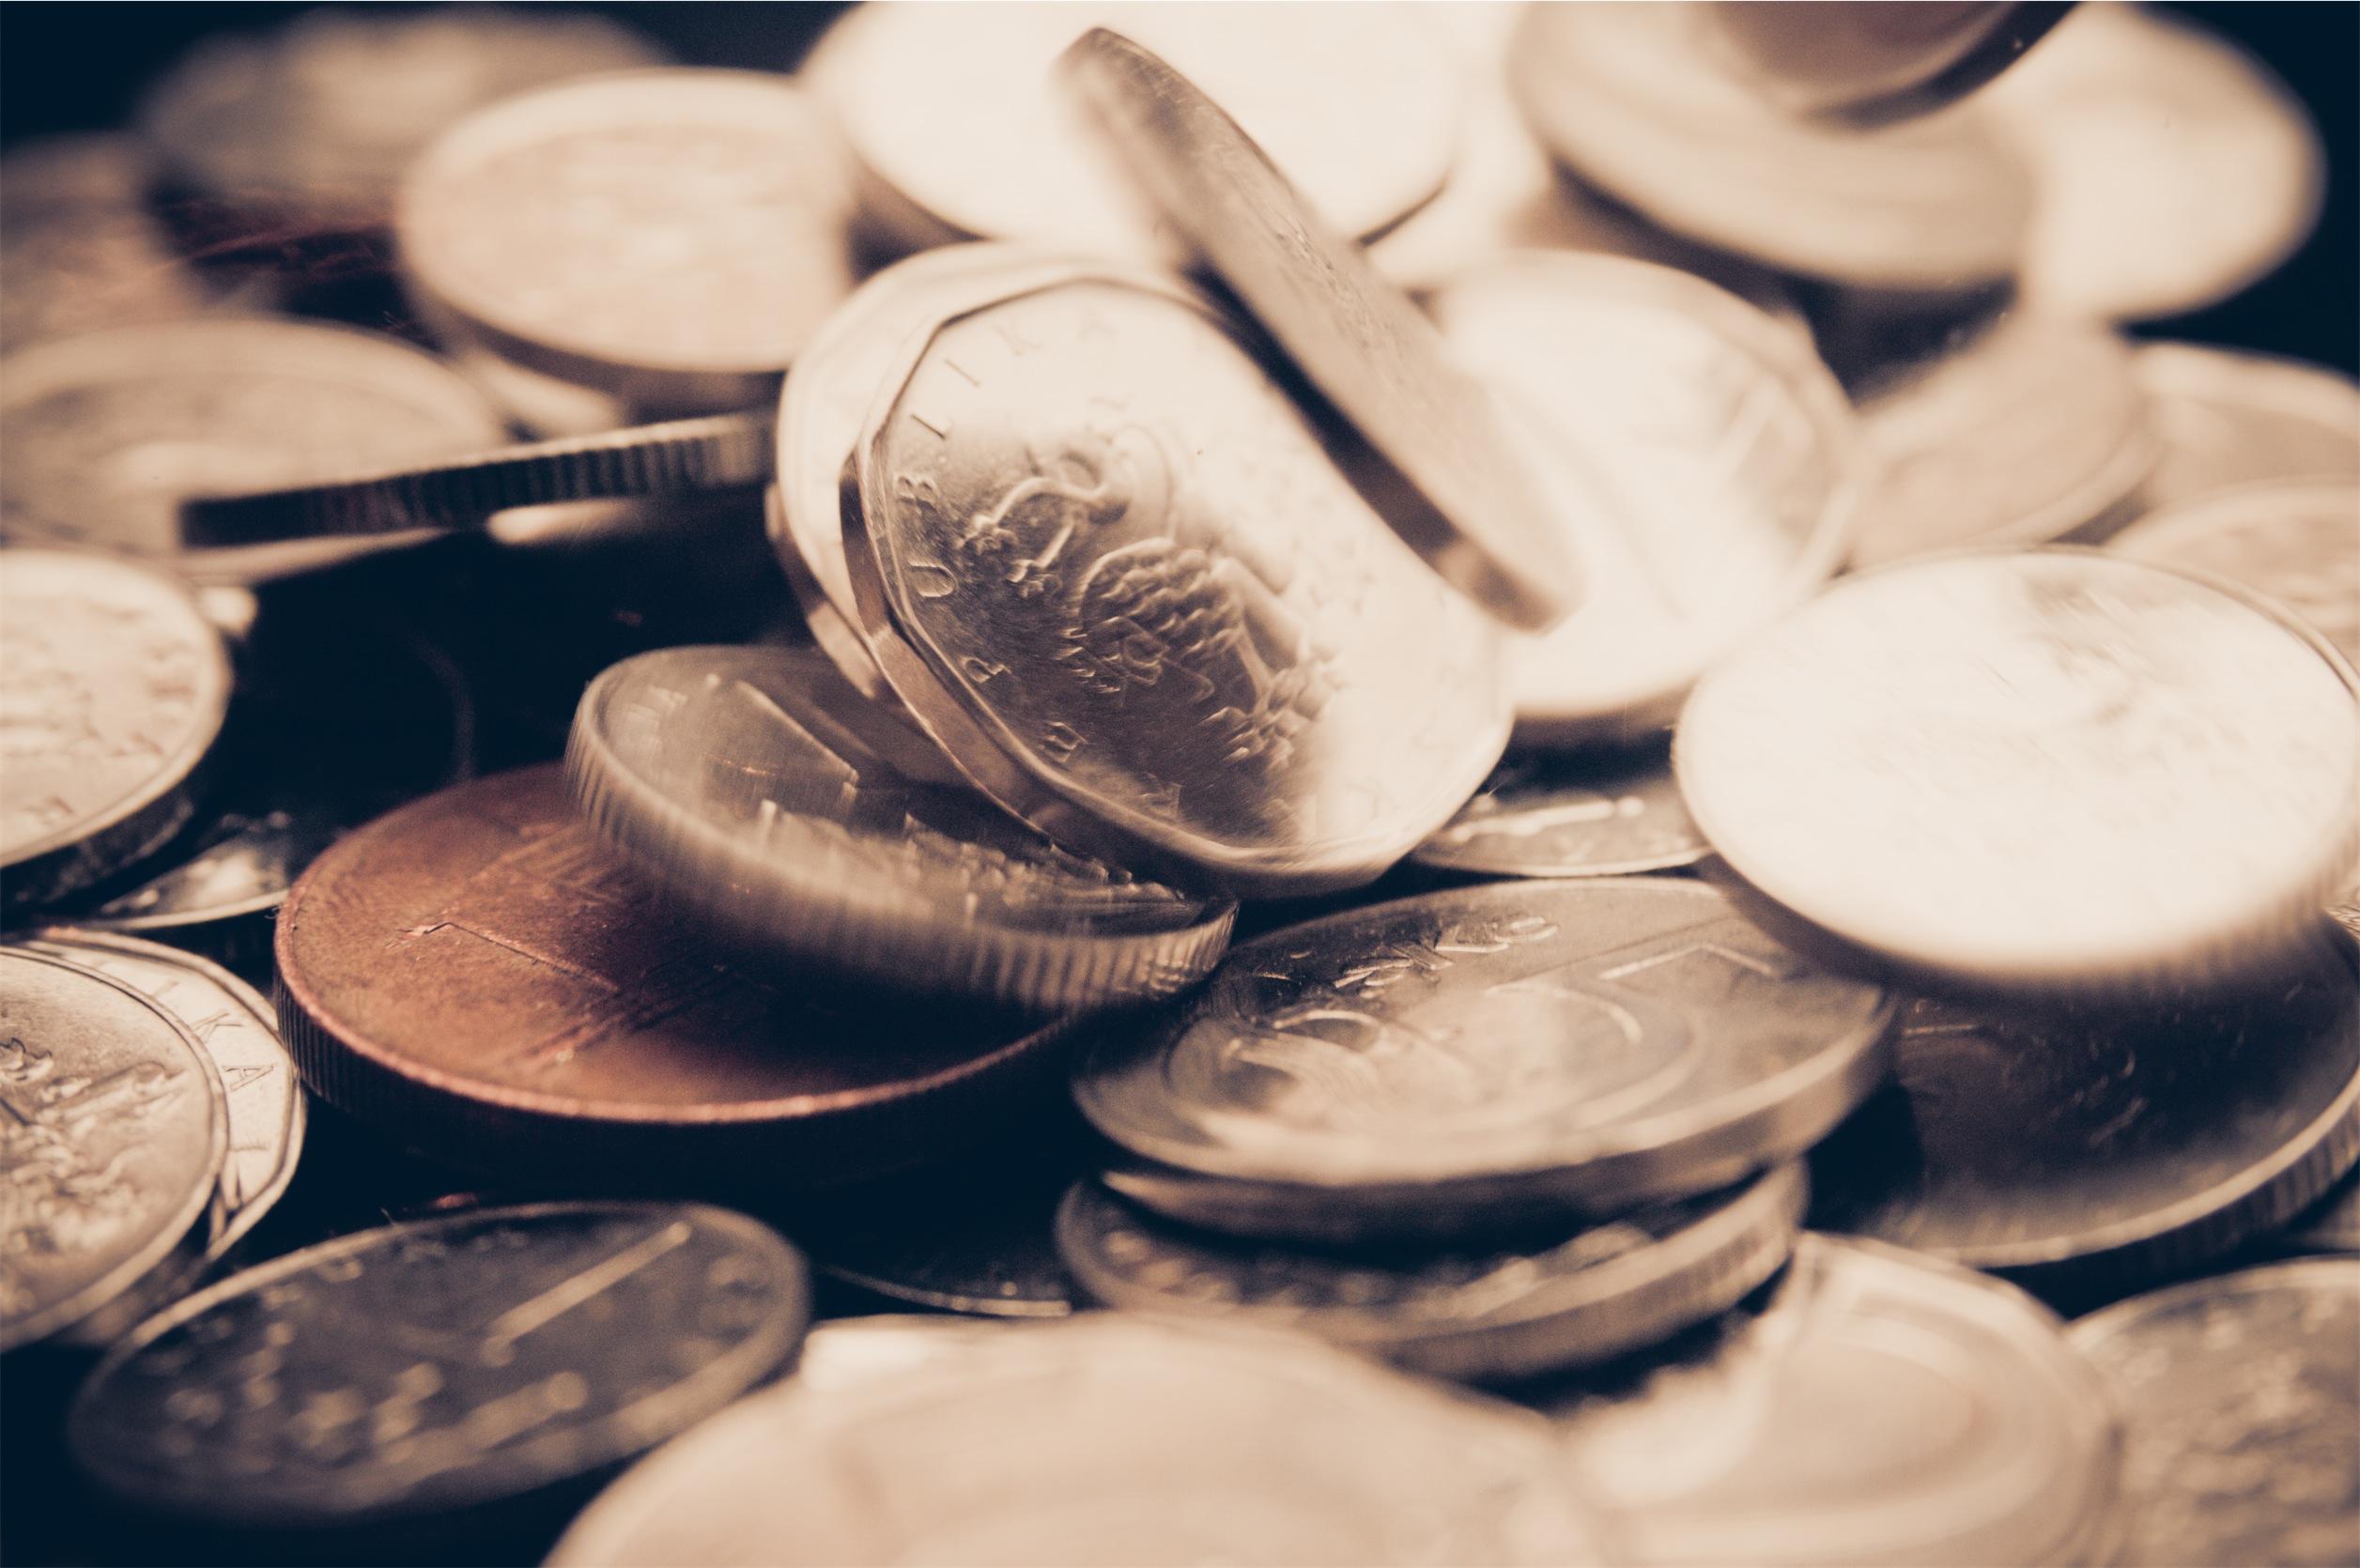 Průměrná mzda v Česku činí 26 480 korun. Vzrostla o 3,9 procent